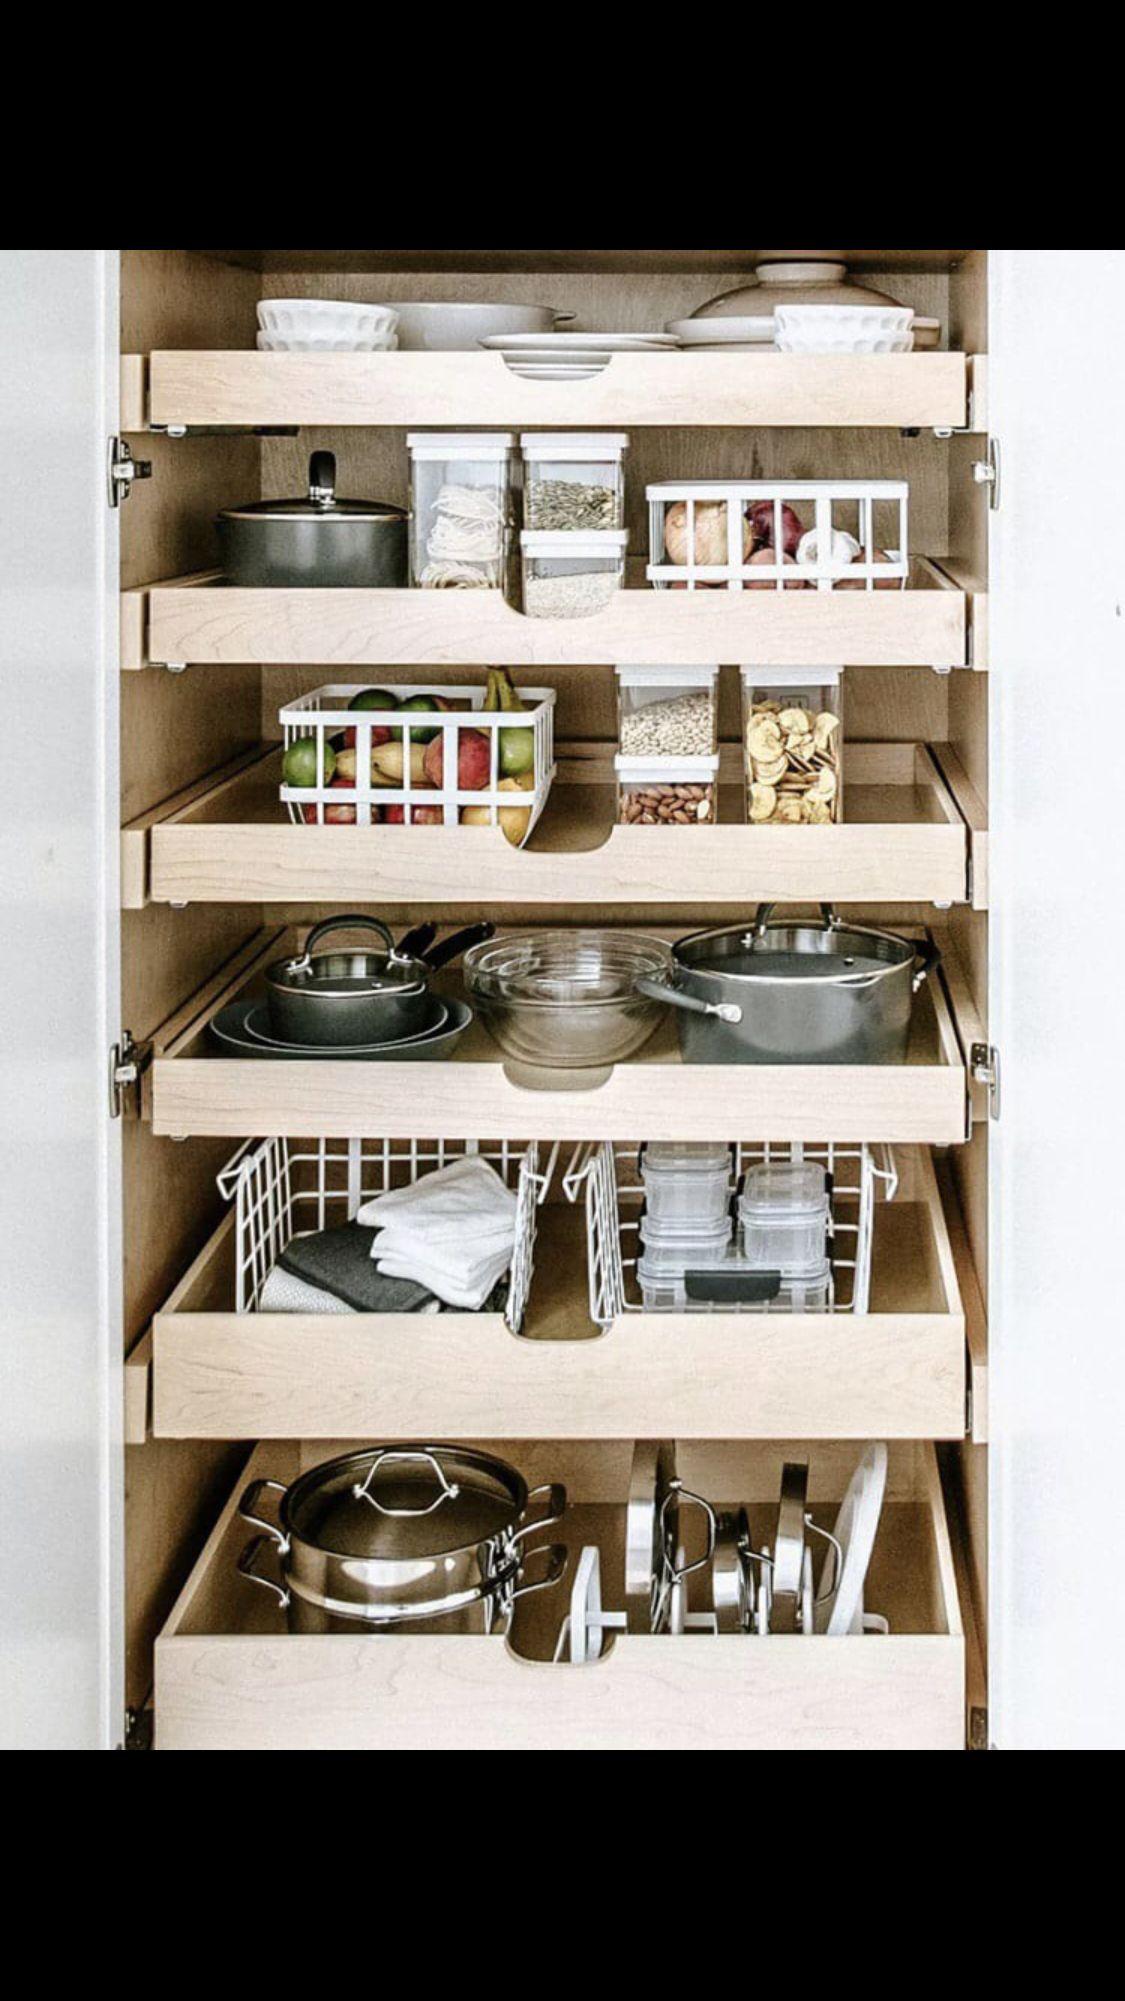 Pin De Sdteamwood Em Kitchen Island Design Em 2020 Design Organizacao Cozinha